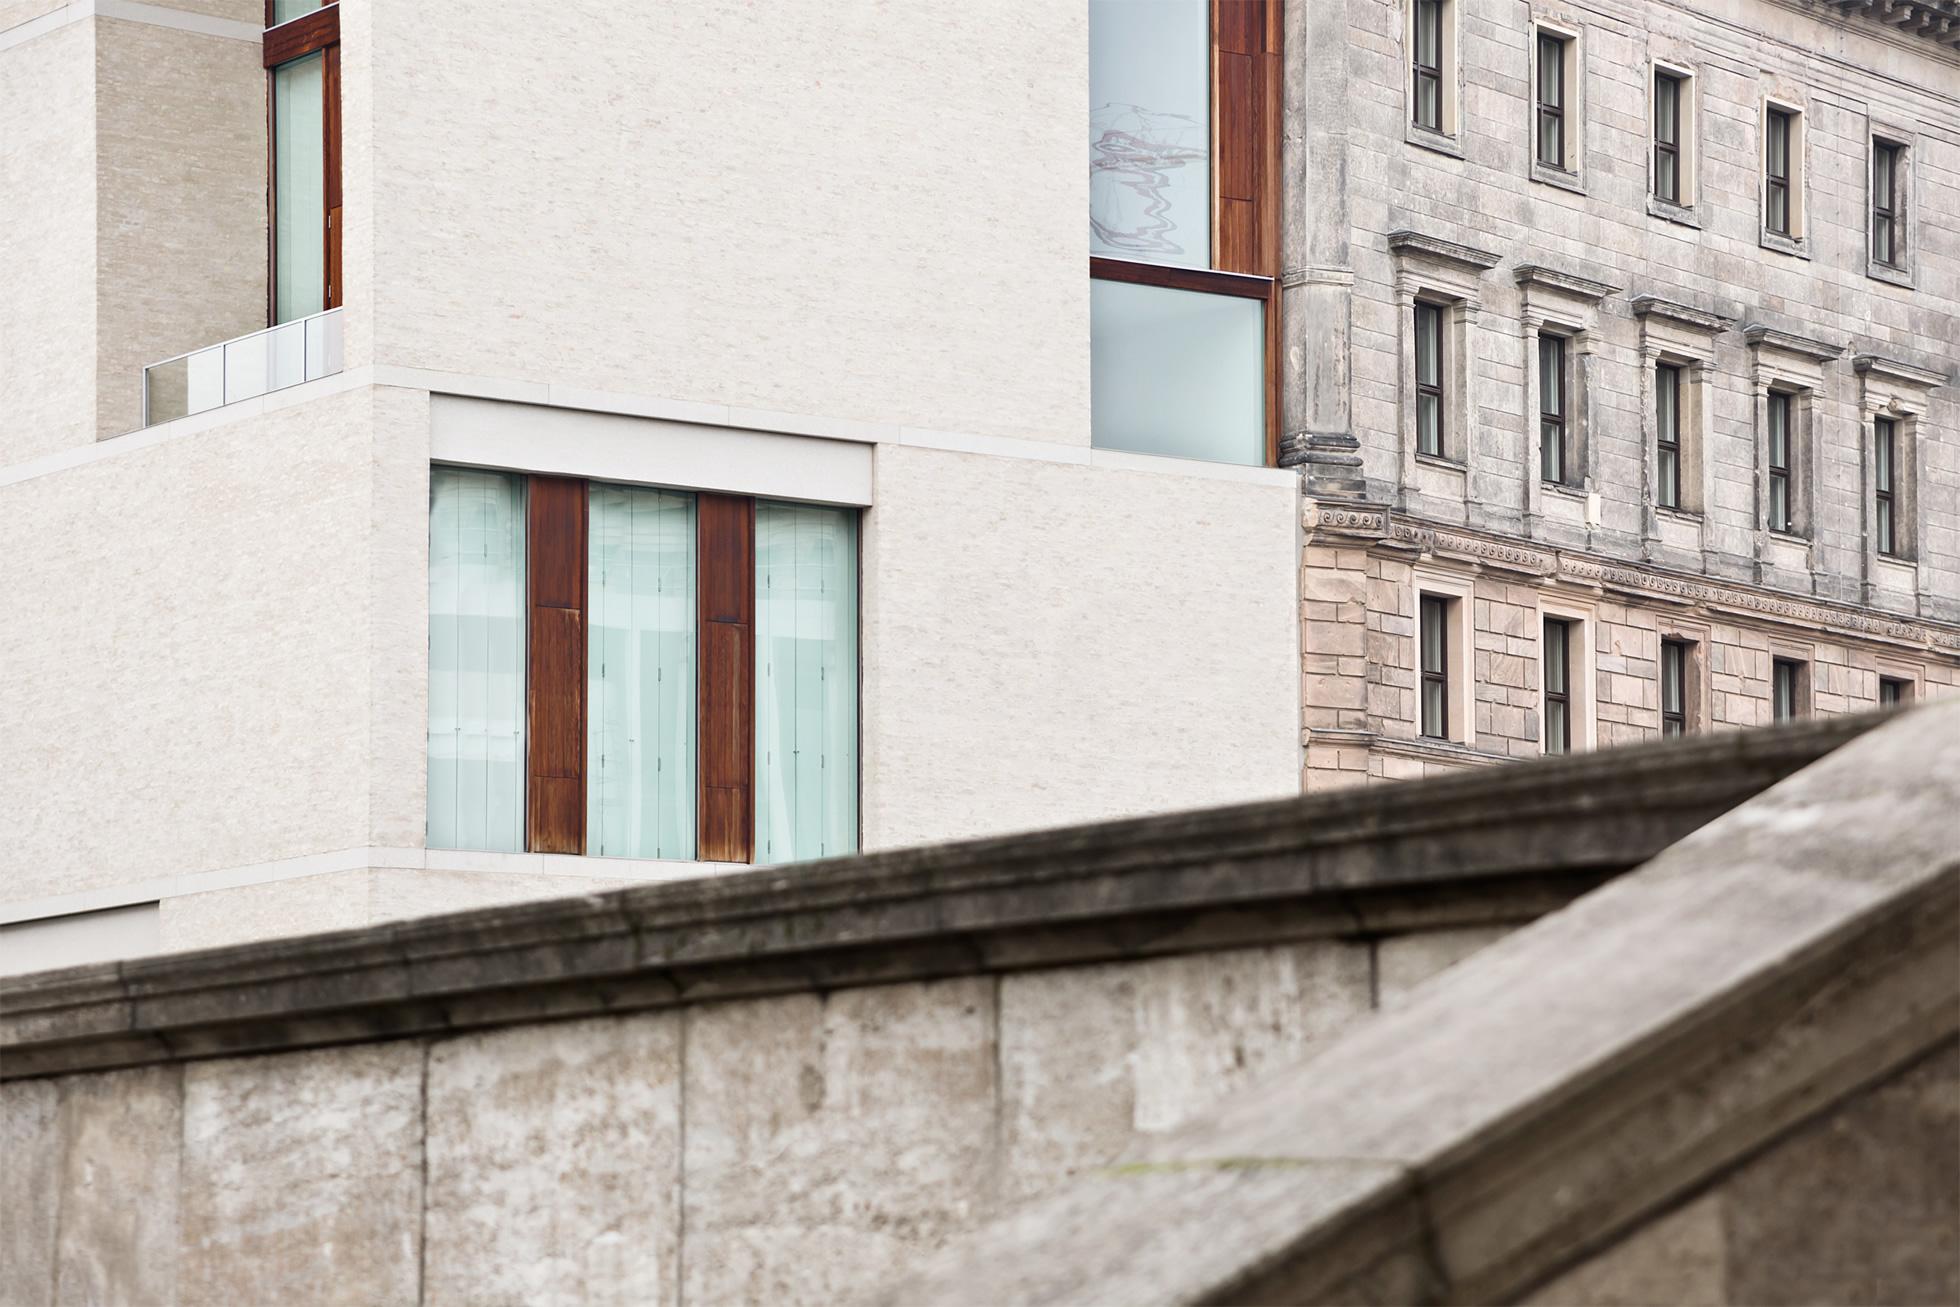 Kontakt und Anfahrt Rechtsanwalt Kanzlei Tavanti & Redeker Ackerstr. 11 in Berlin-Mitte